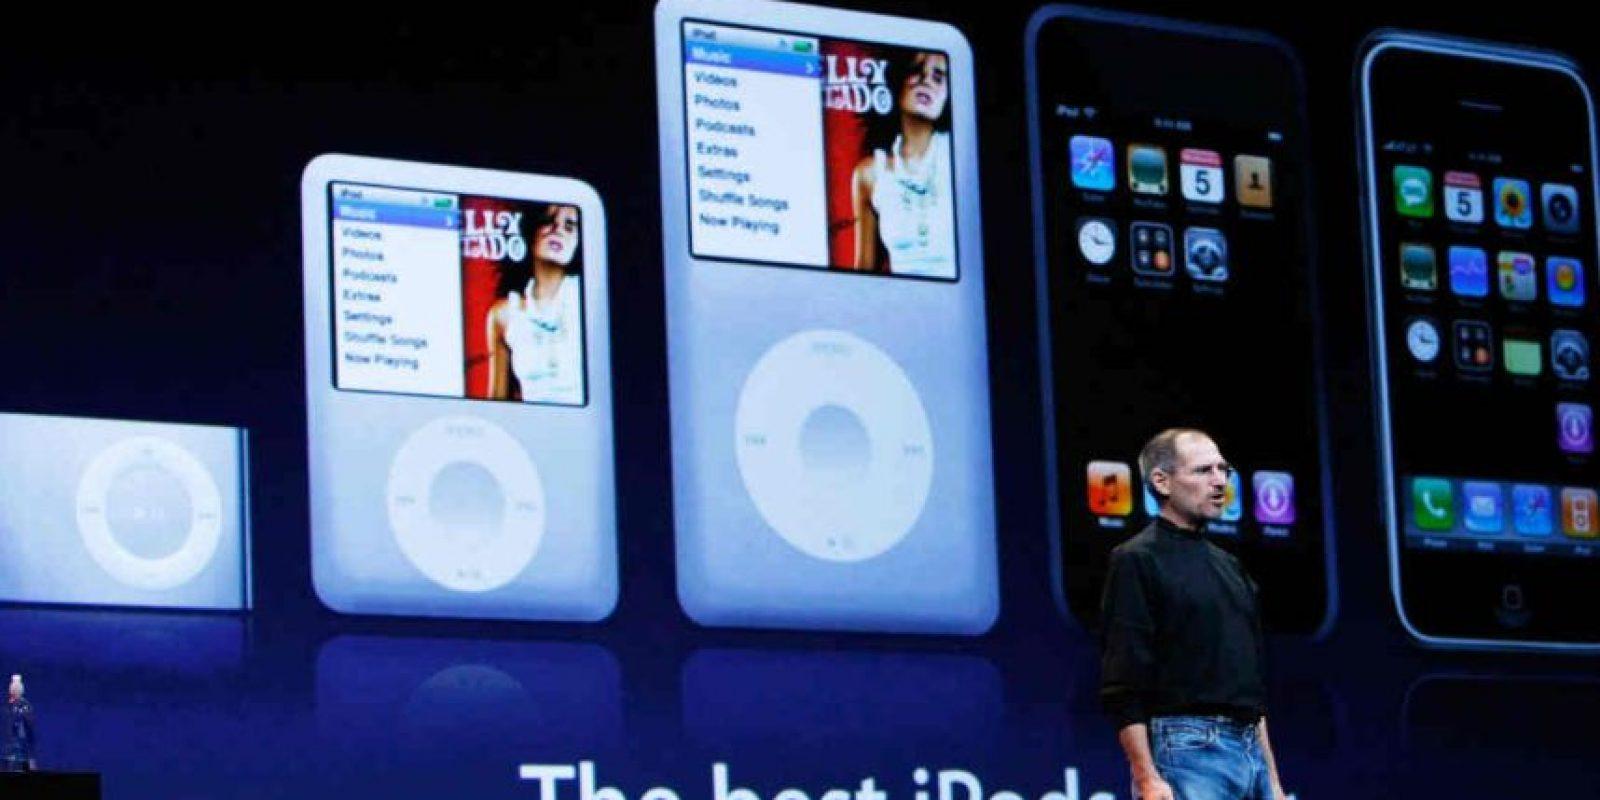 También en 2005 aparece el iPod Video, revolucionando al entretenimiento multimedia. Foto:Getty Images